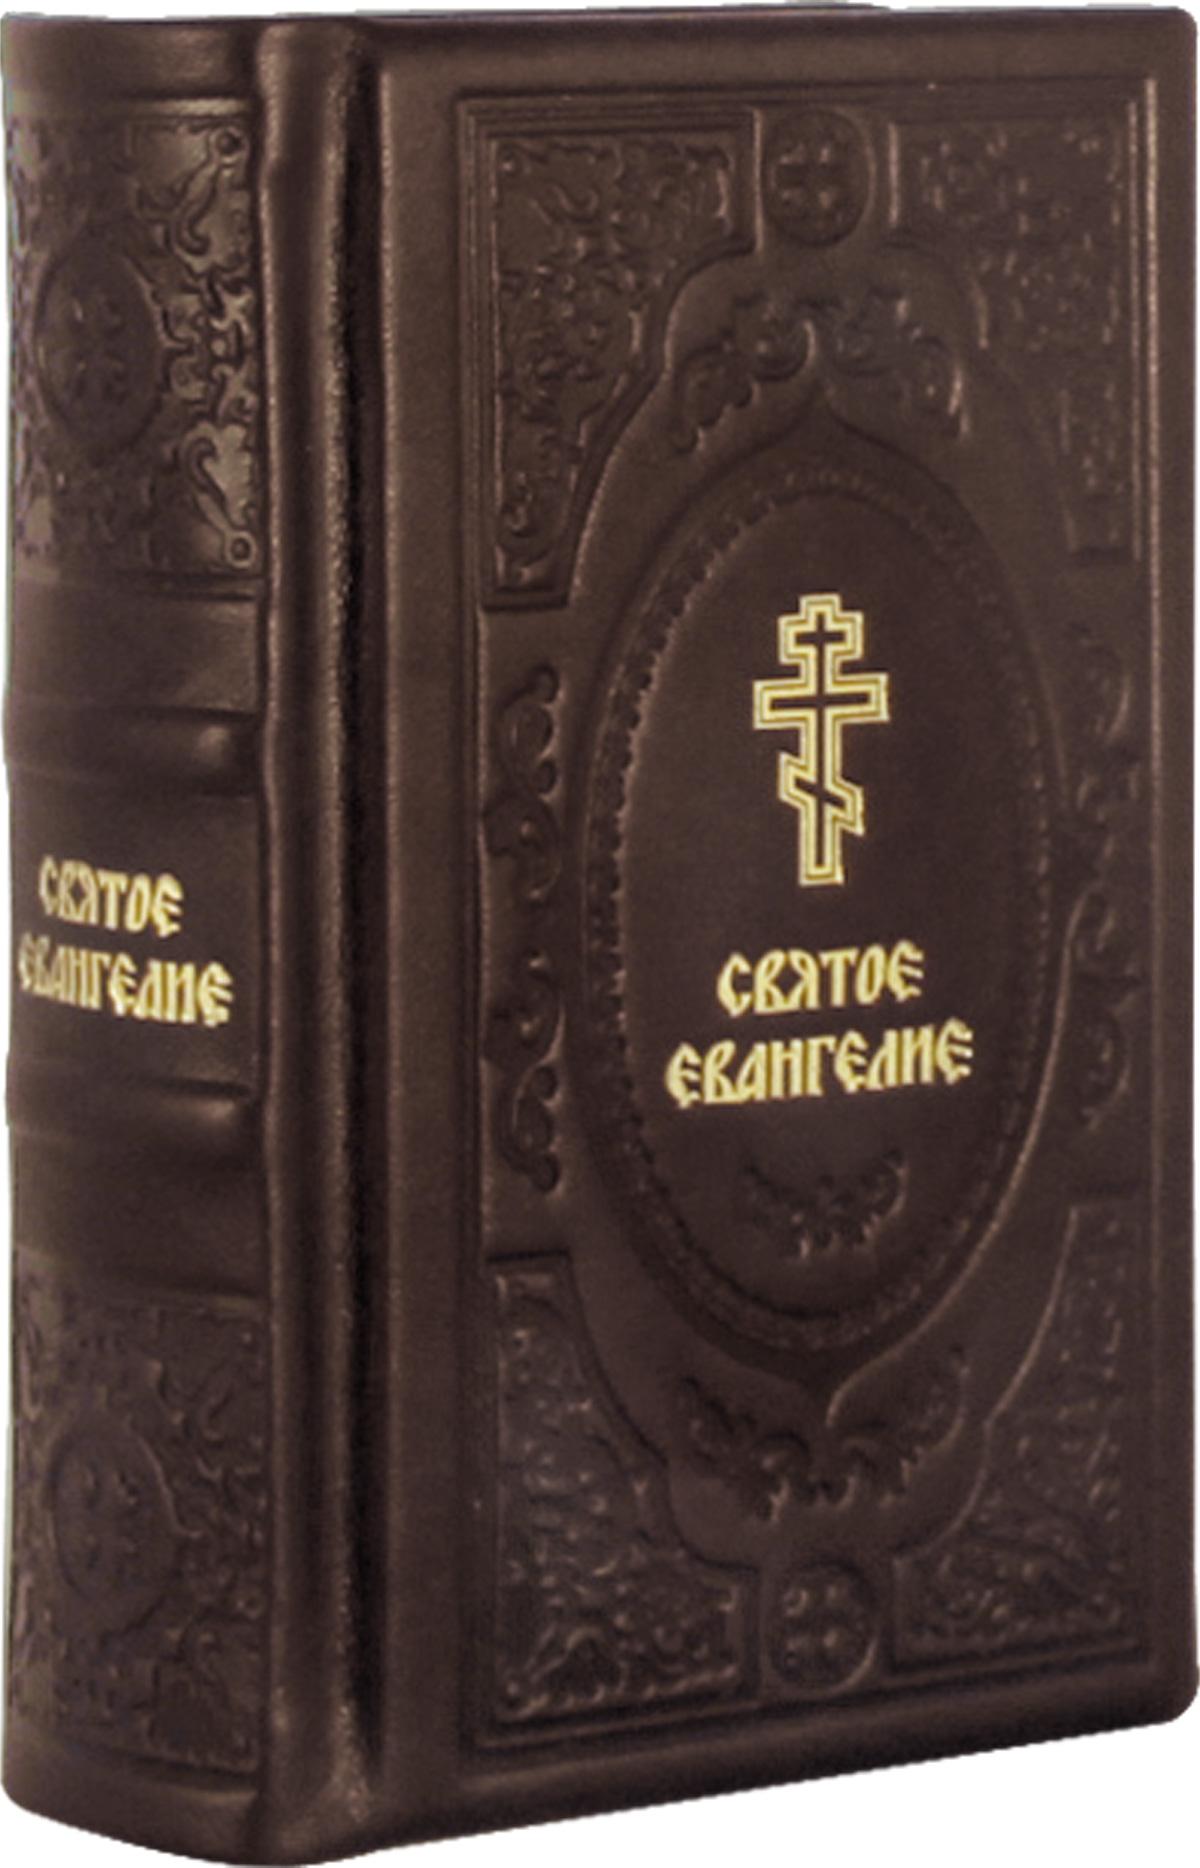 вятое Евангелие (подарочное издание)